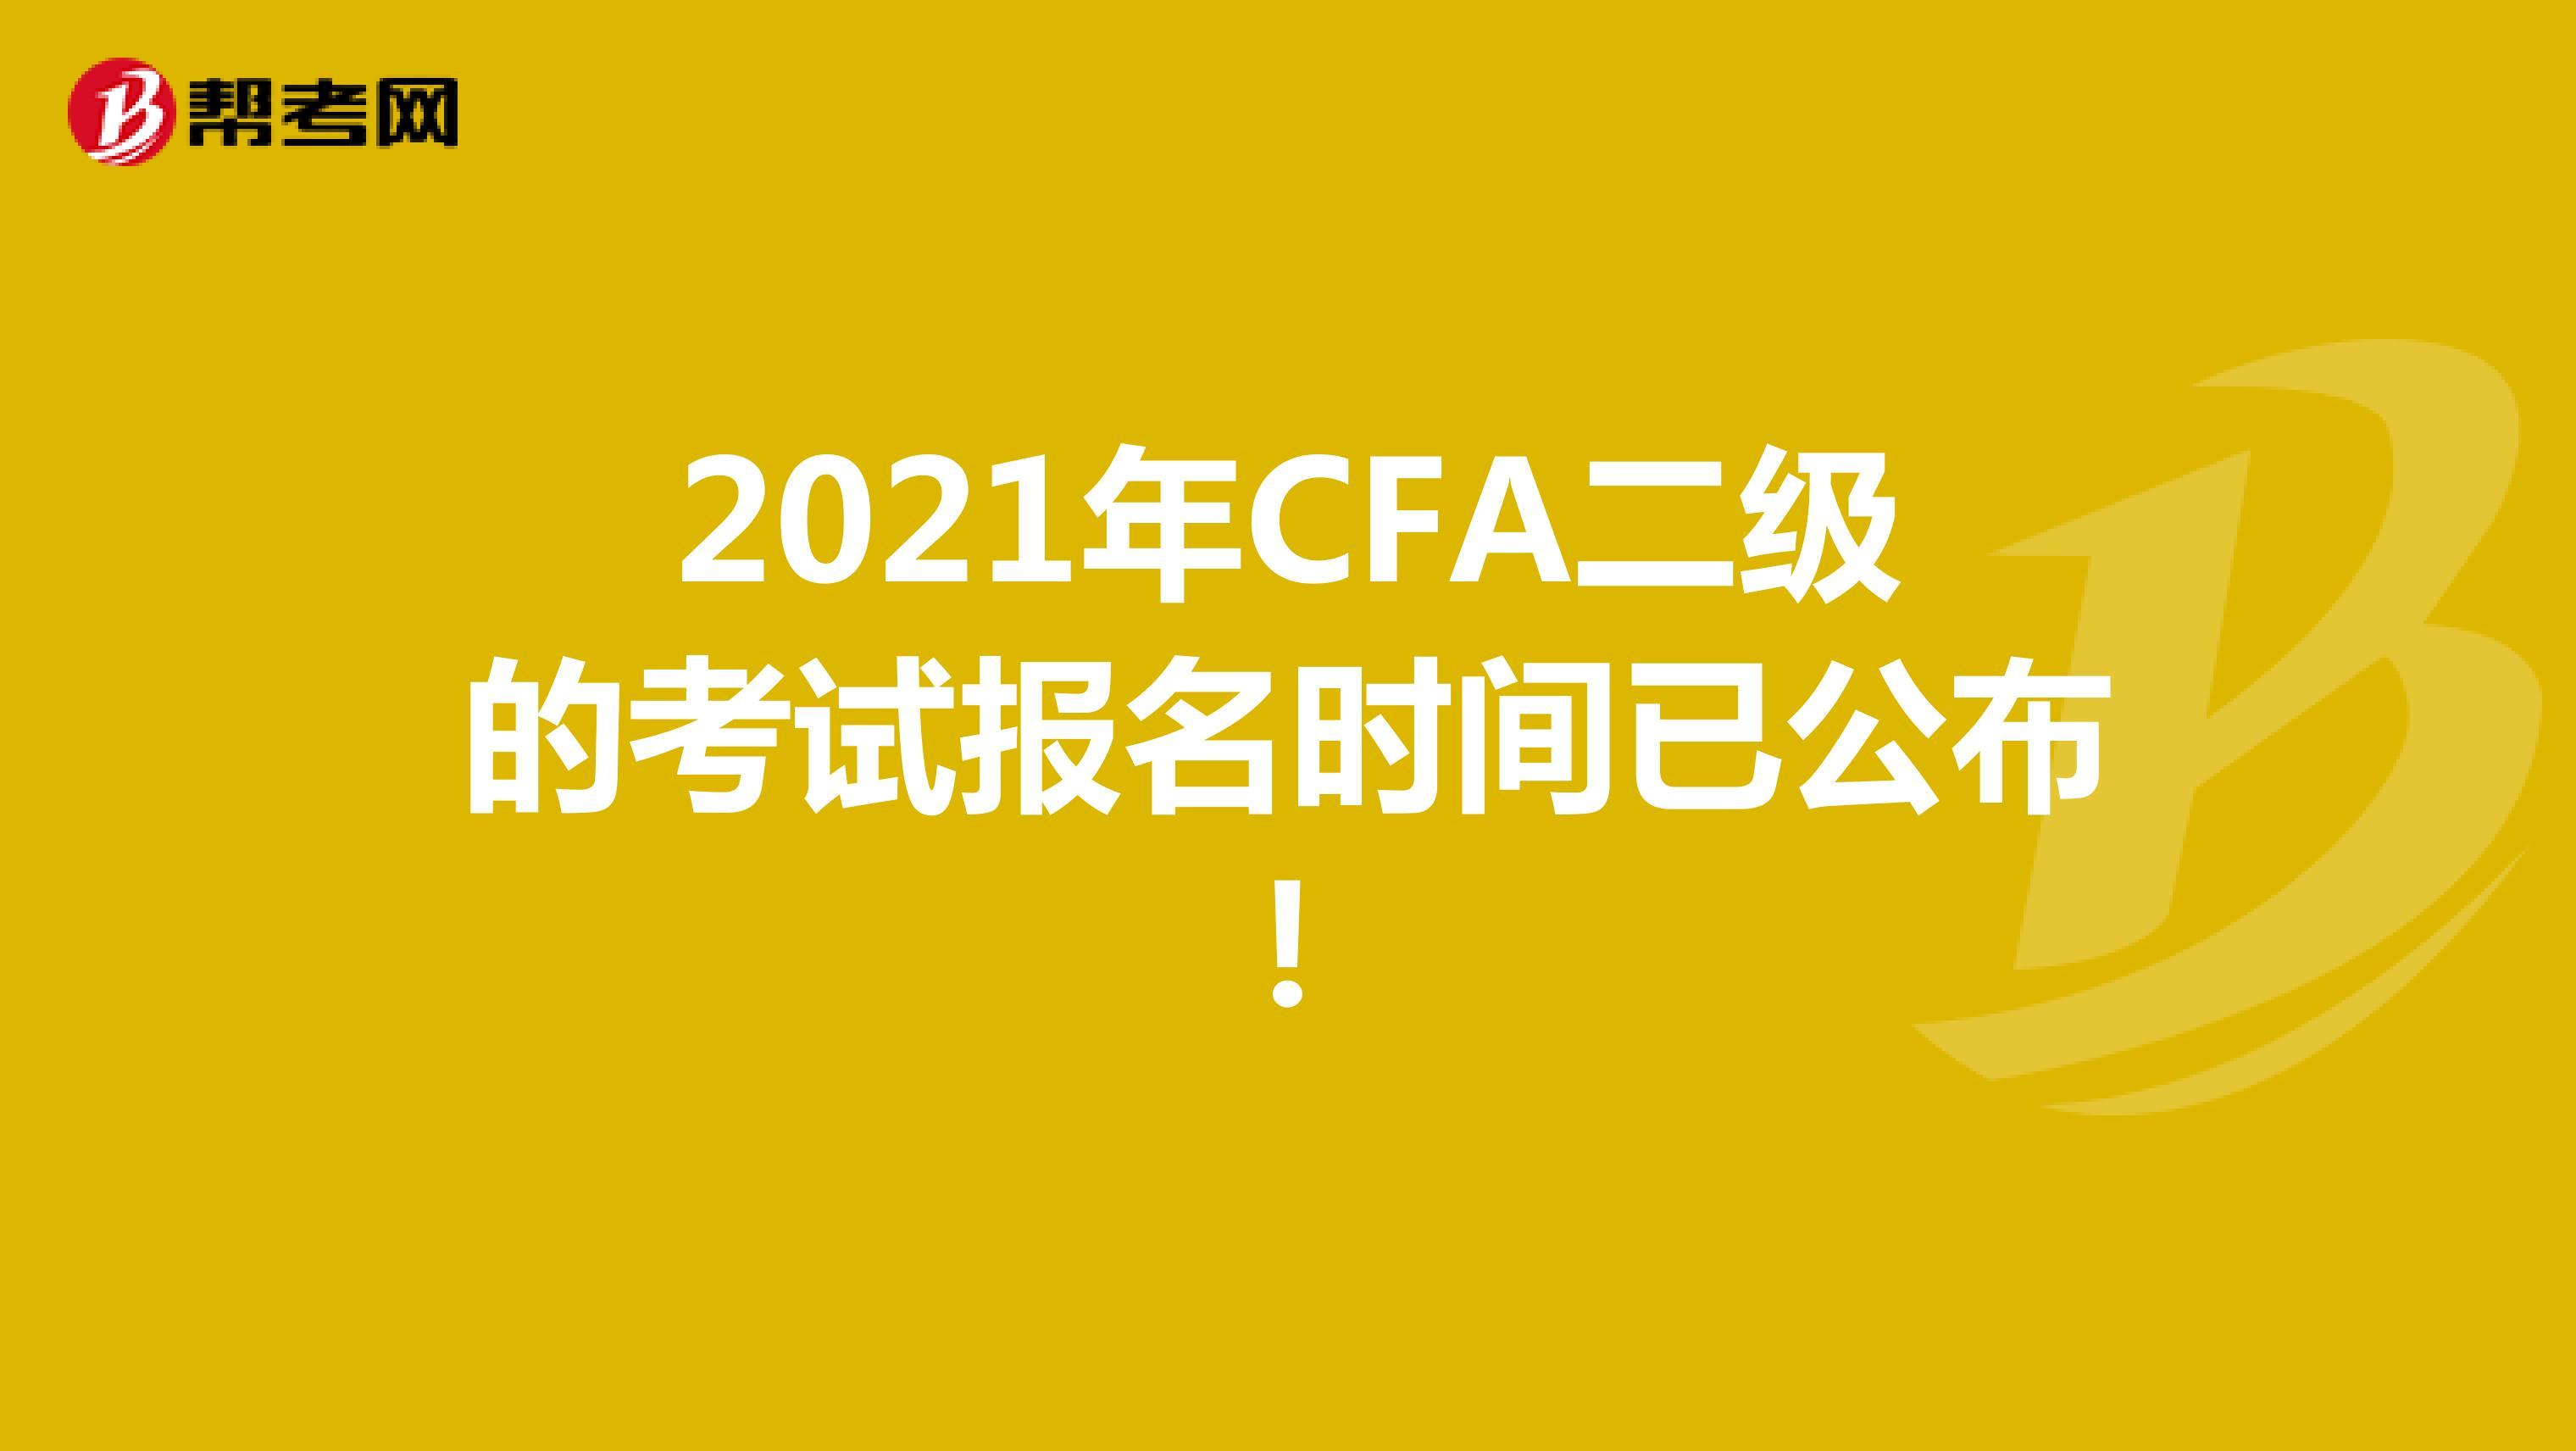 2021年CFA考试报名时间已公布!